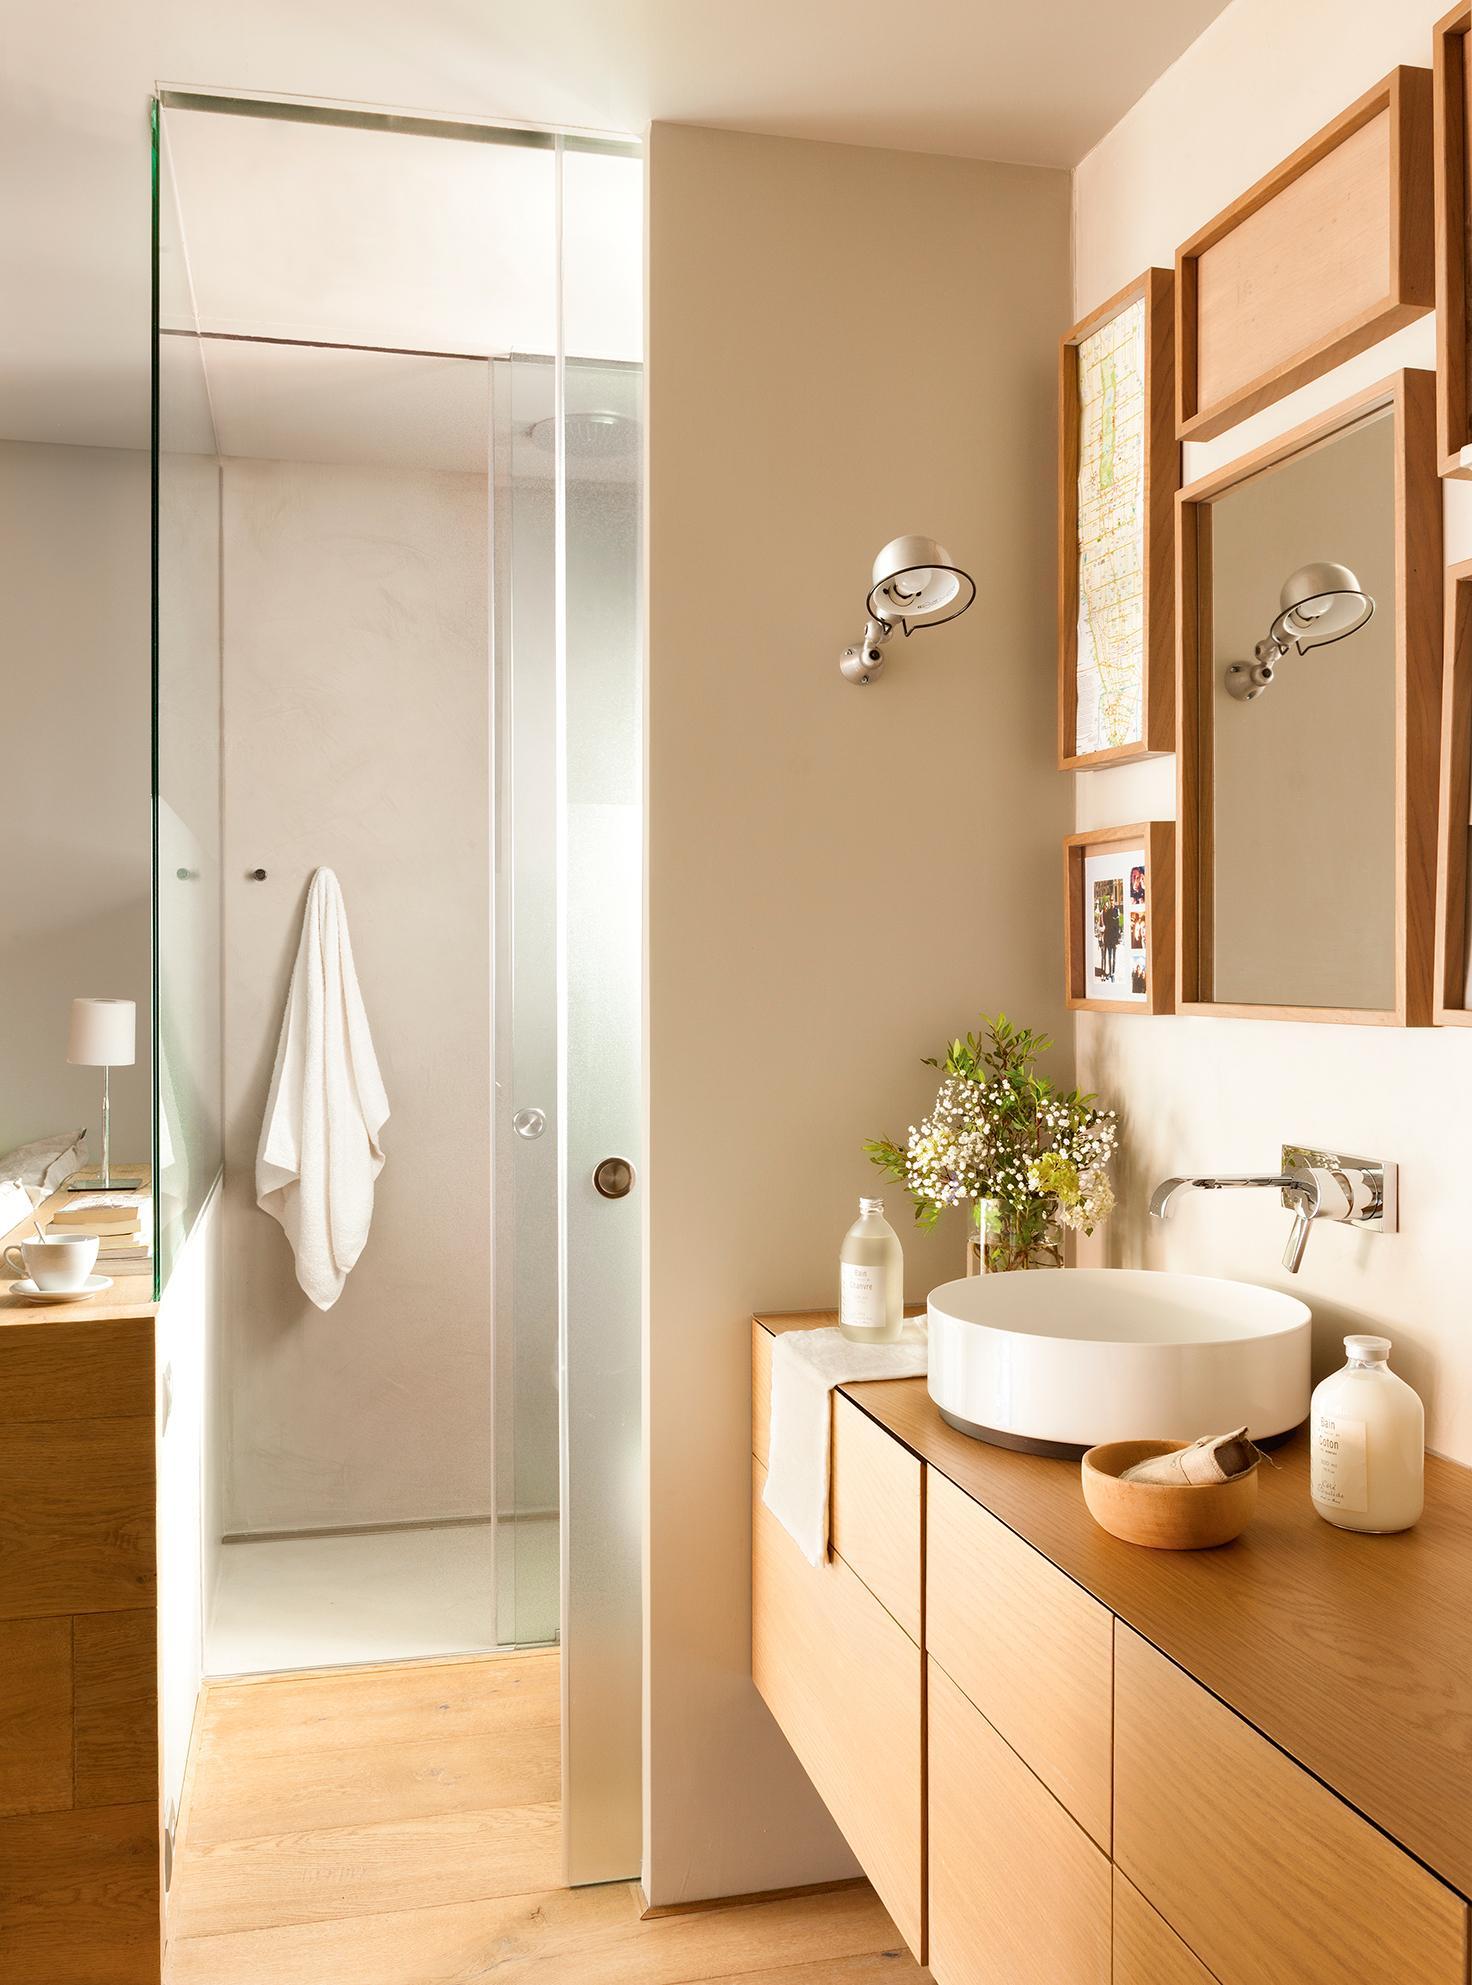 Маленькая ванная комната с деревянной мебелью